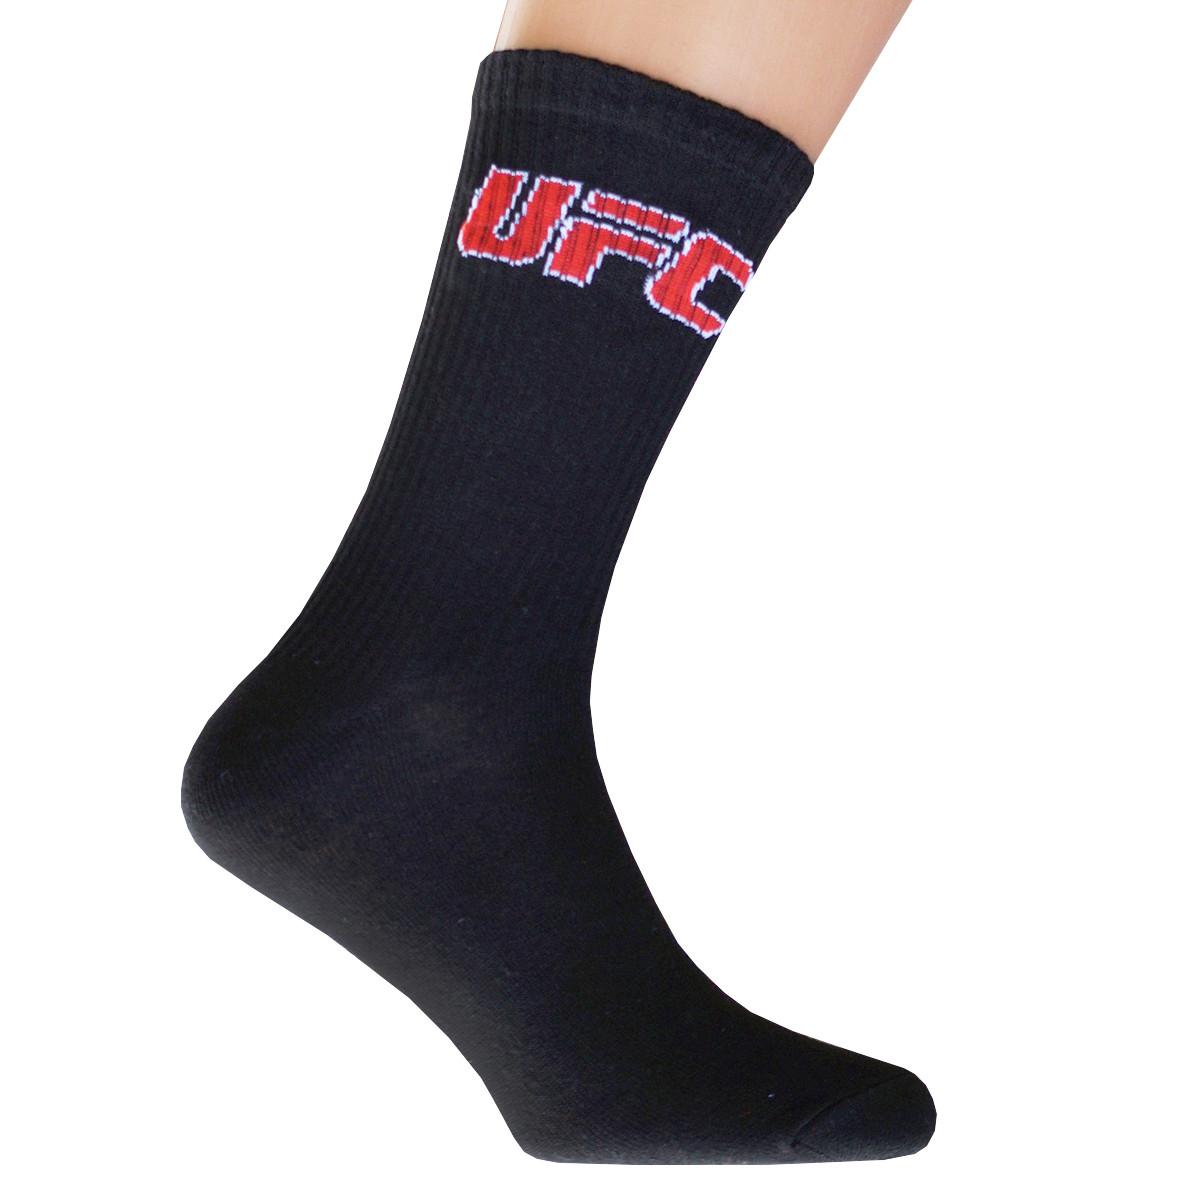 Носки спортивные компрессионные (высокая резинка ~20 см) подарочные UFC